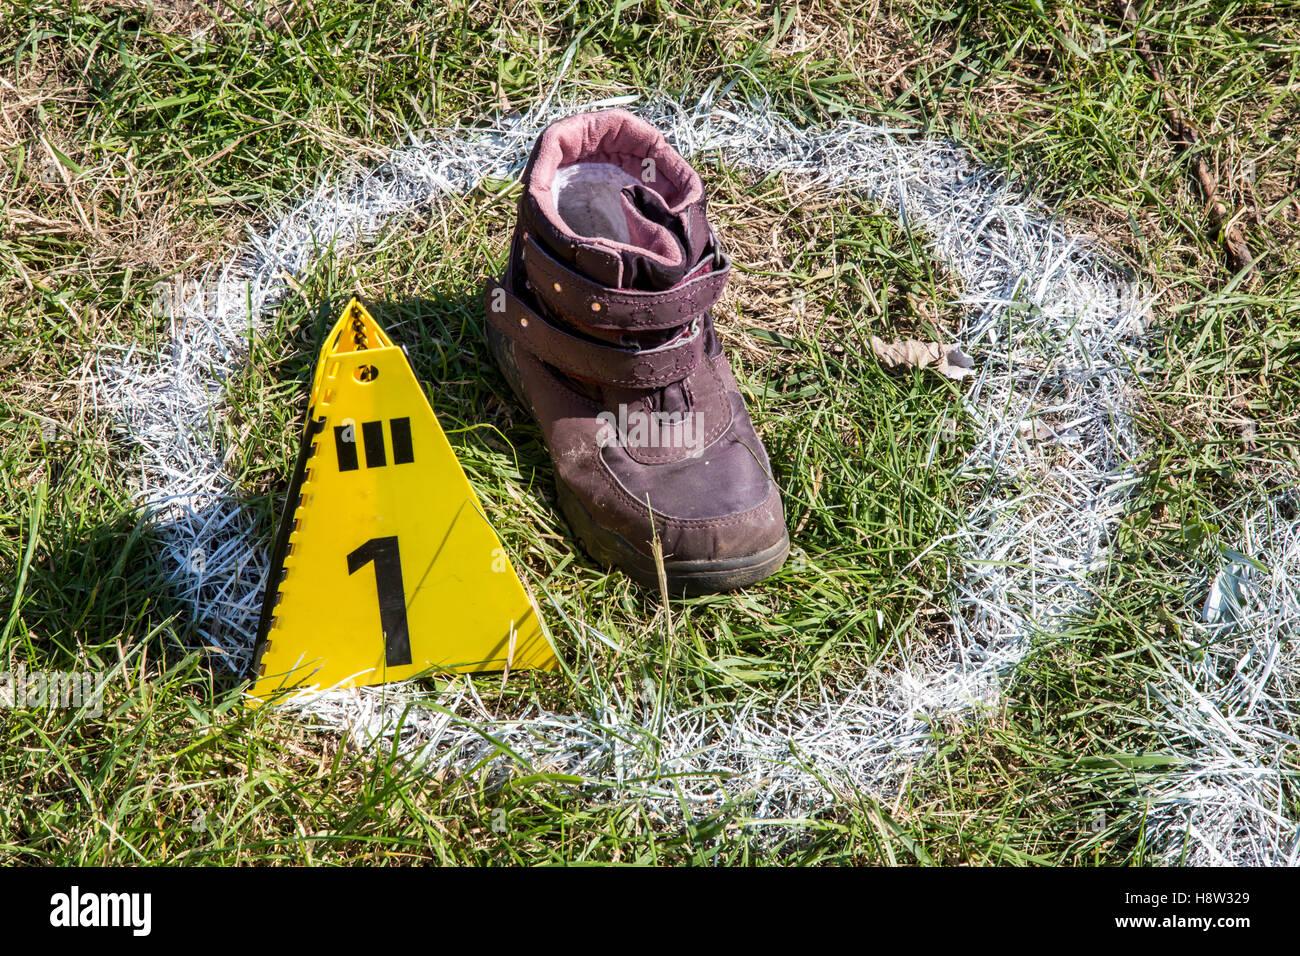 Spurensicherung, bei einem Unfall gefundener Schuh eines Opfers, markiert mit einer Spurentafel und einem weissen - Stock Image